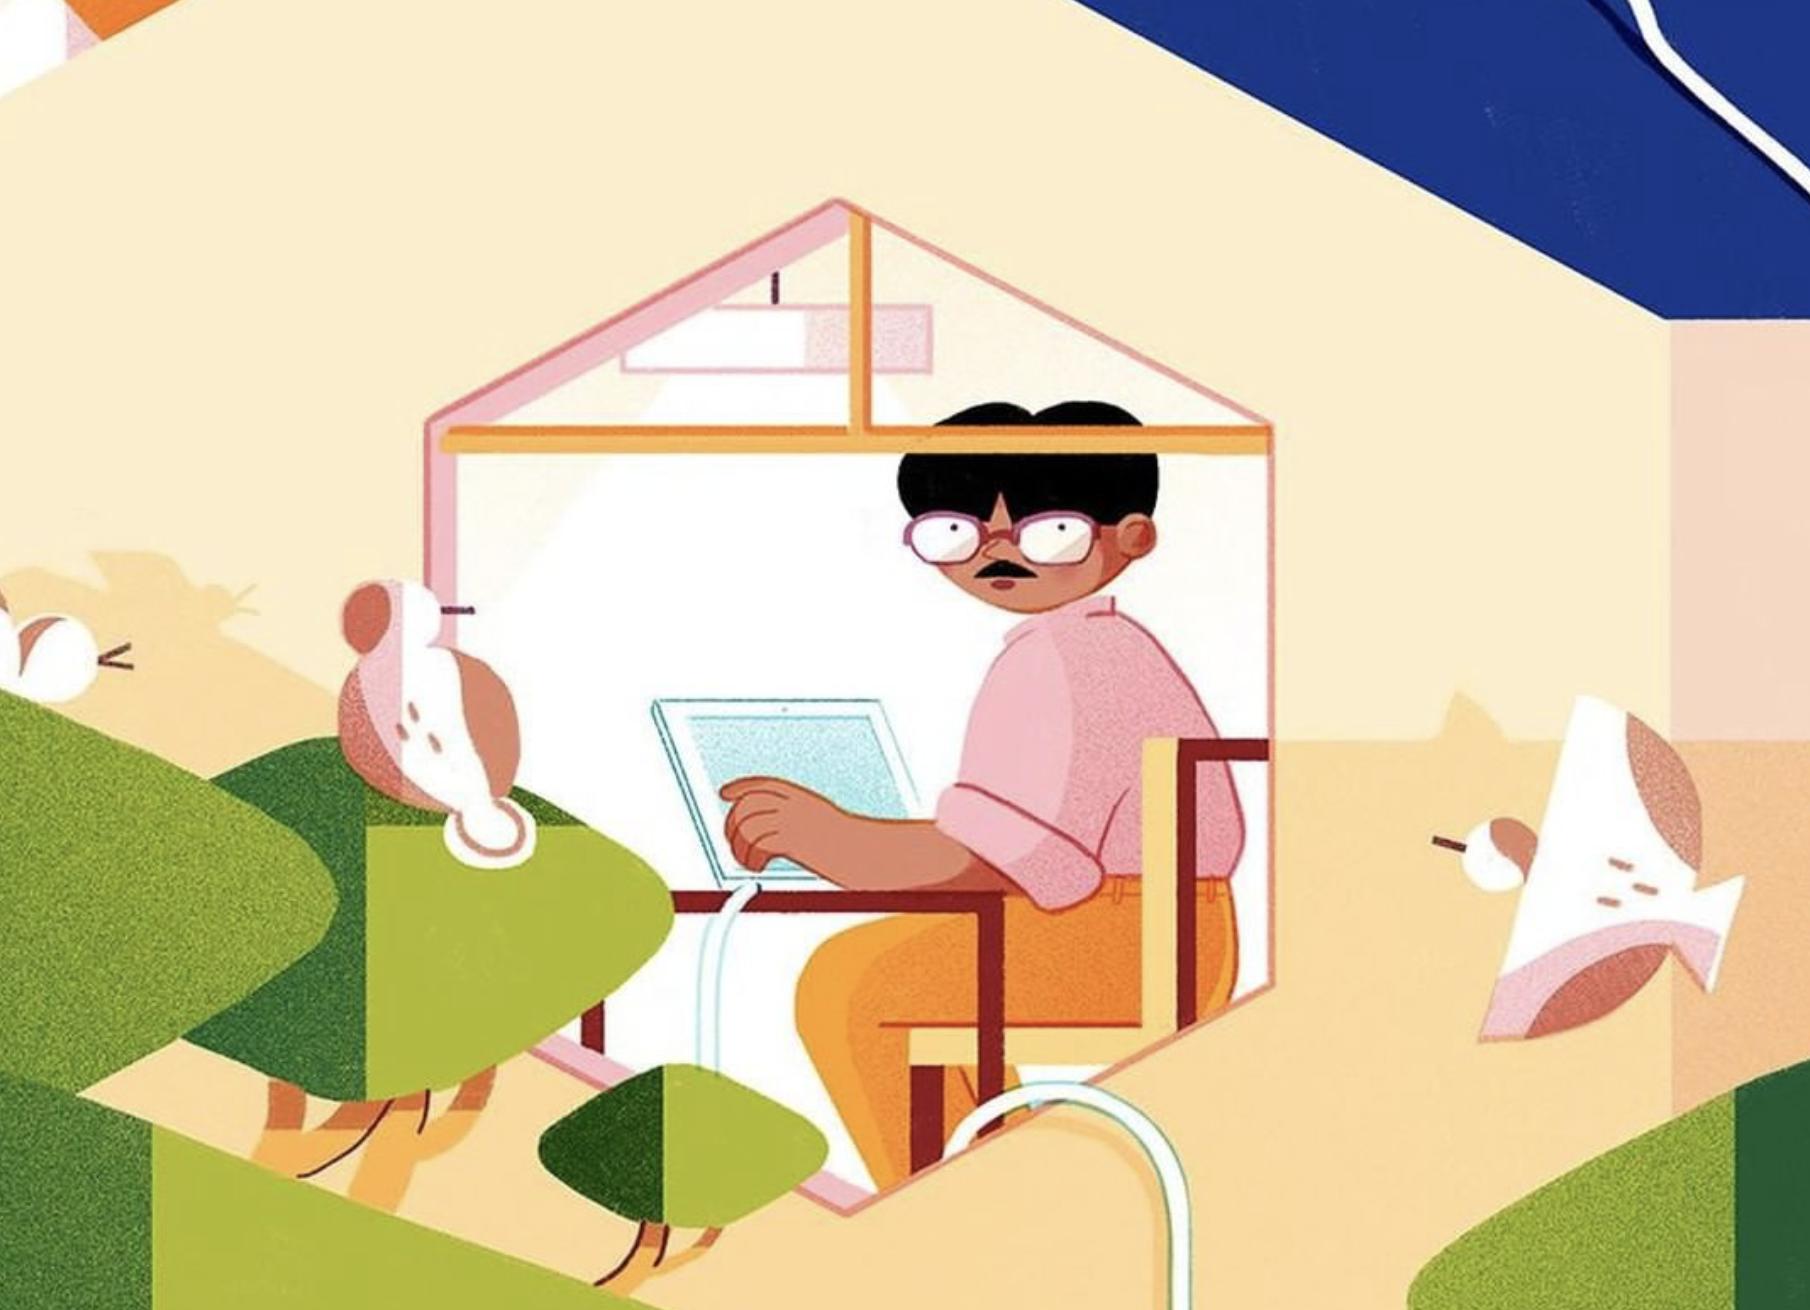 Cinco herramientas online gratuitas para facilitar y organizar el teletrabajo durante la cuarentena